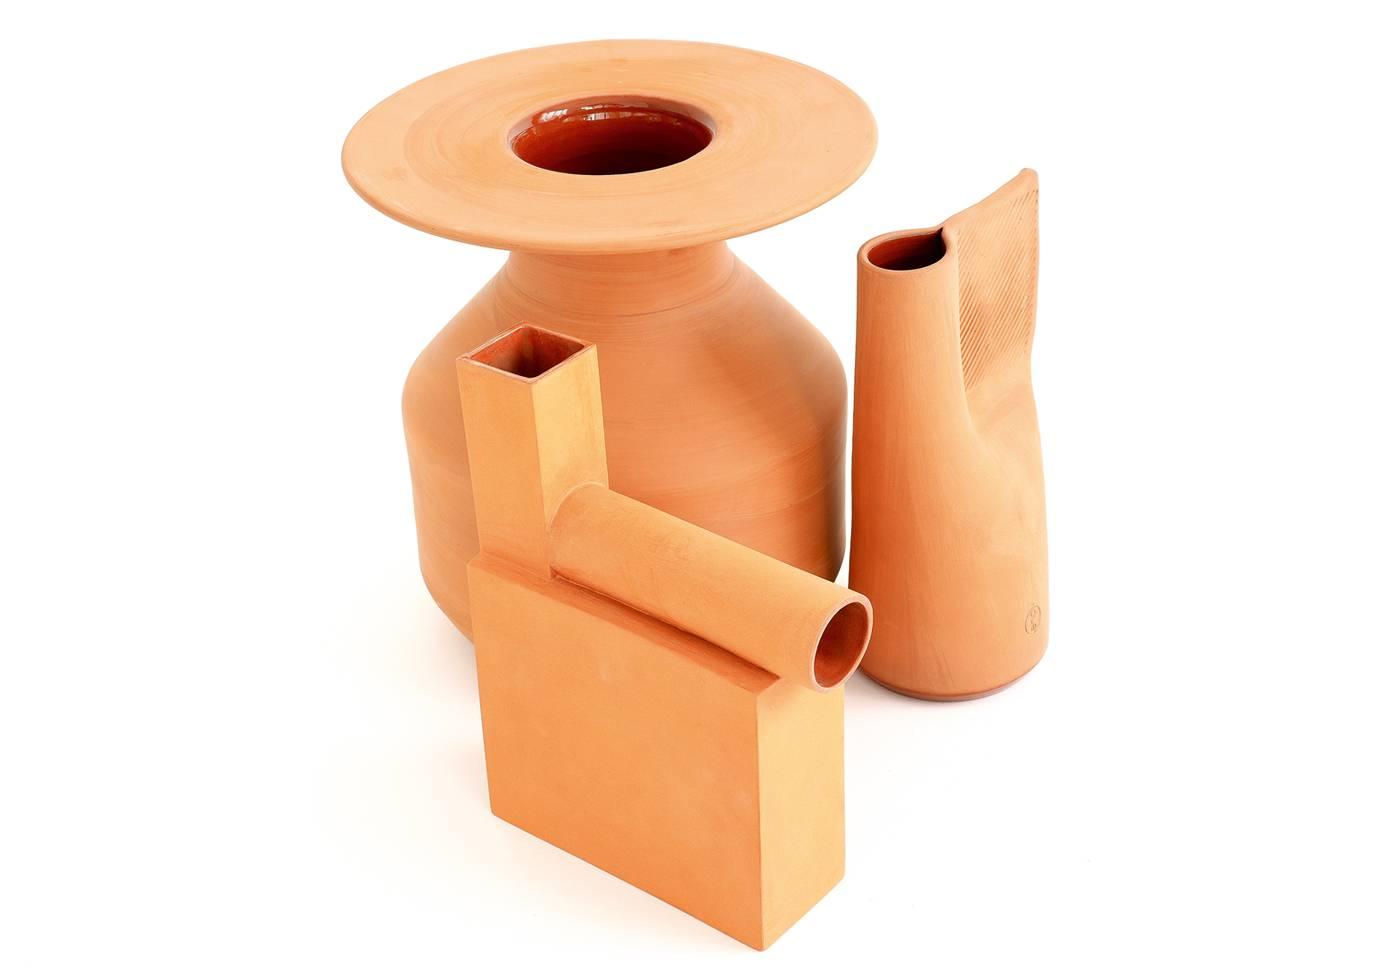 Vase « Maya » en  terre cuite d'Arik Levy  et carafe « Fresh », design Normal Studio (49 € et 69 €, Eno), carafe « Pipeline » en faïence rouge et émail transparent, une édition limitée à huit pièces signées et numérotées (480 €, Atelier Polyhèdre).